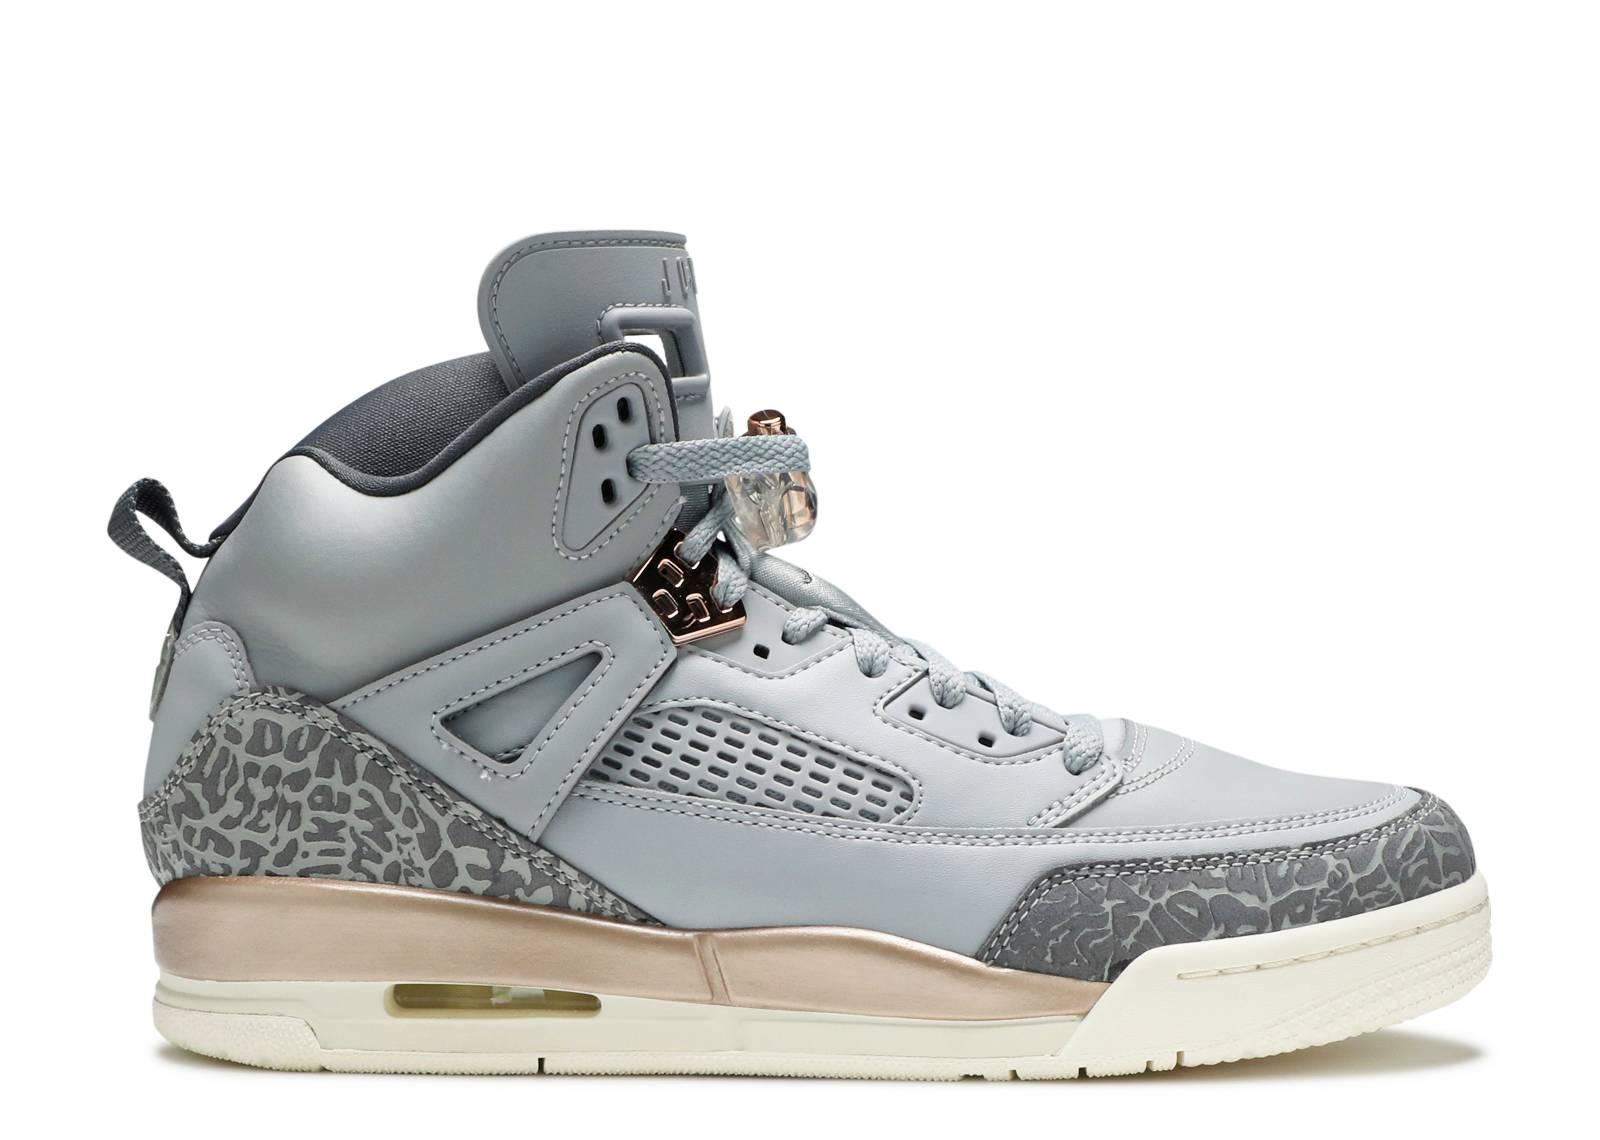 dde1104f6 Boys Air Jordan Shoes